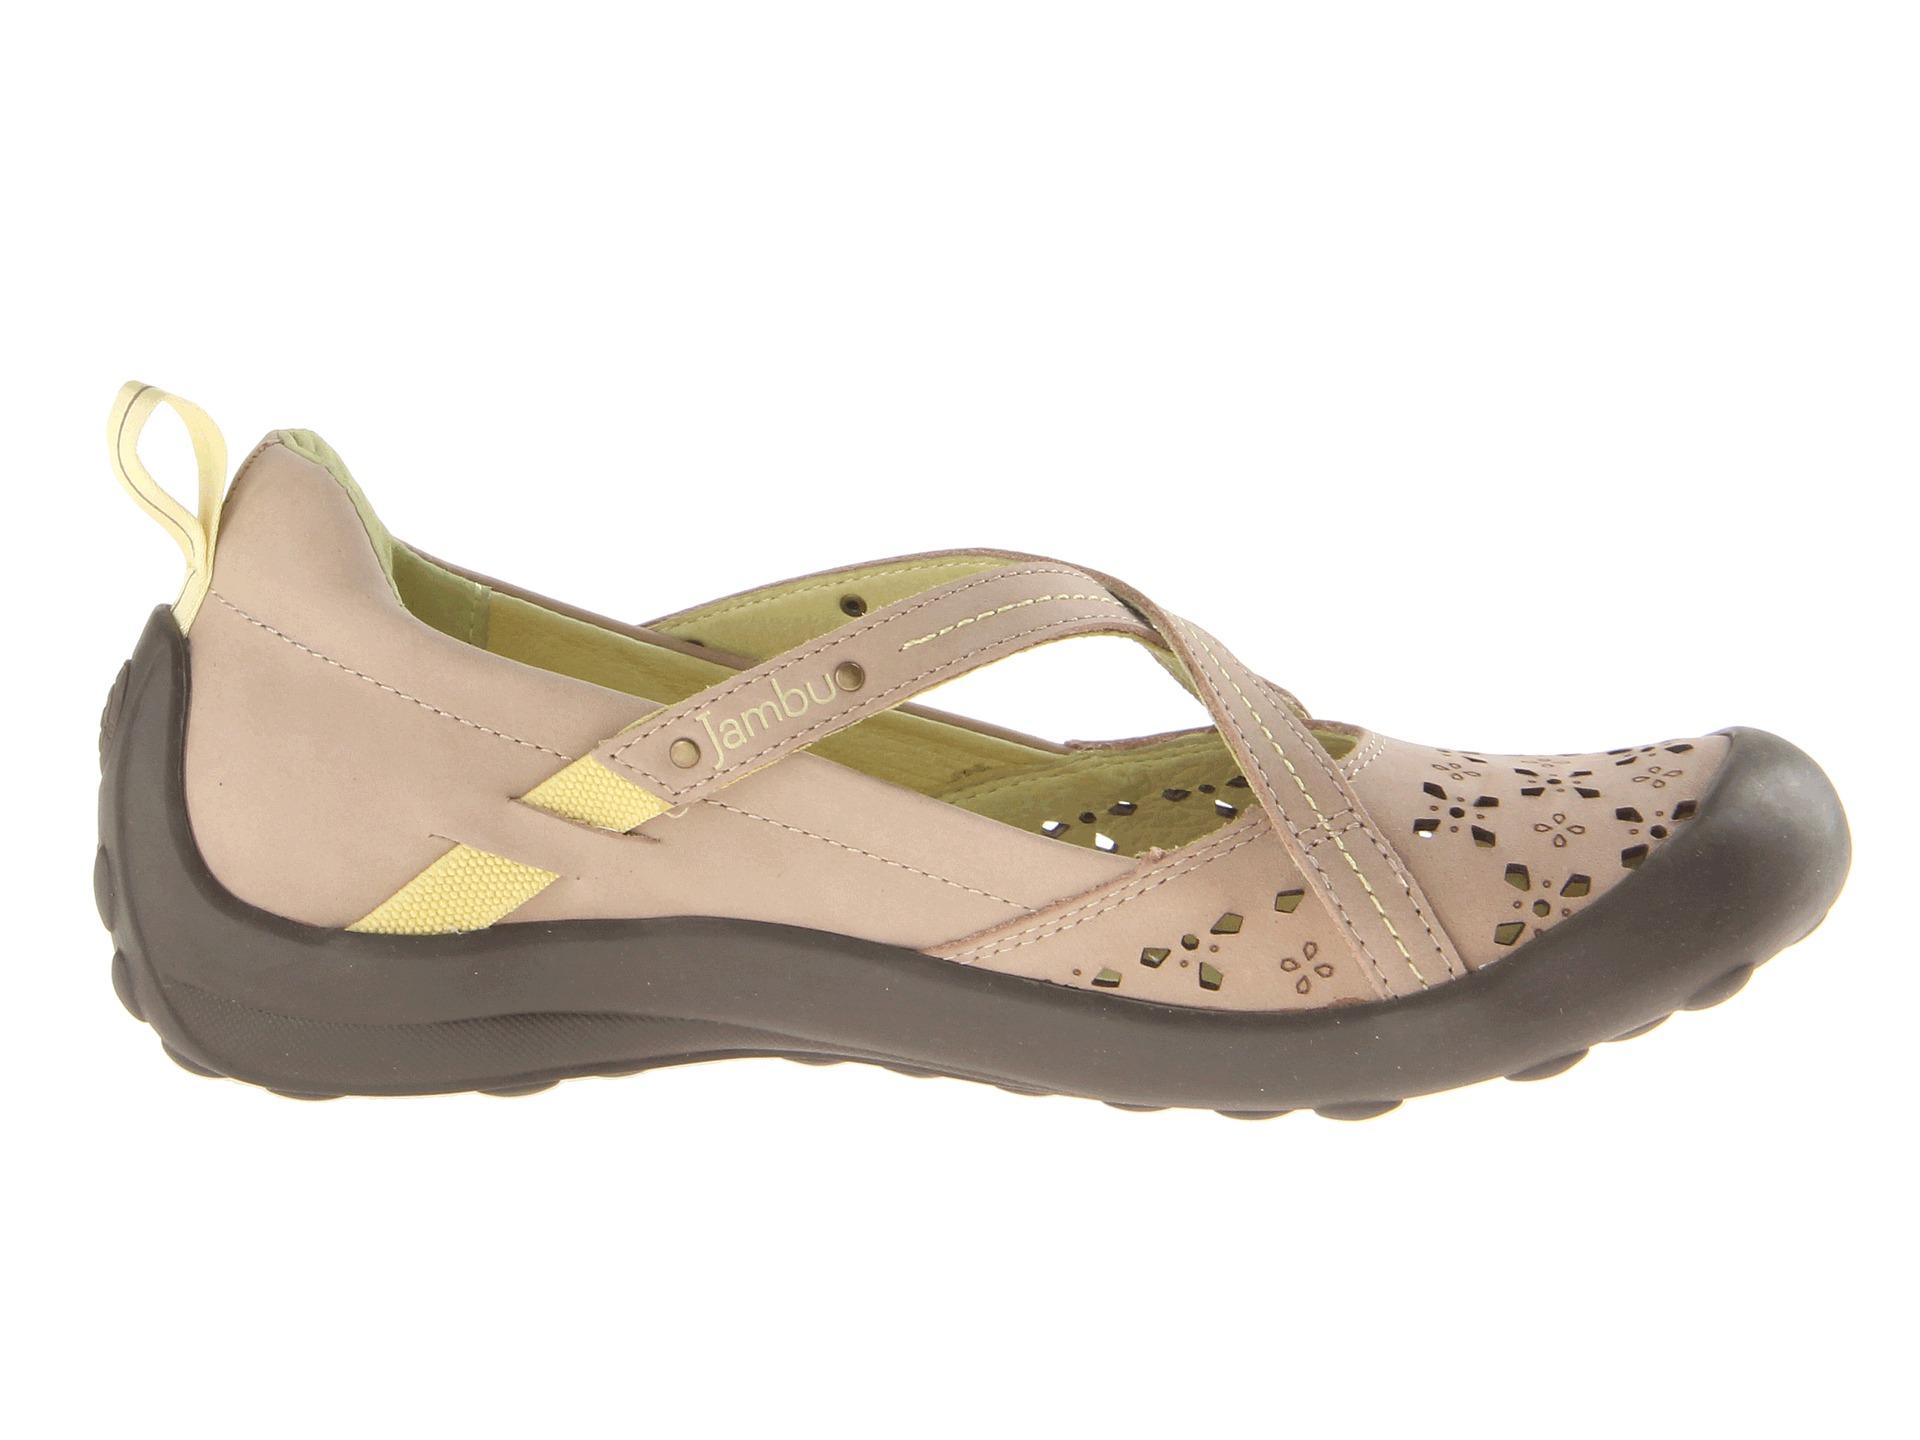 Jambu Sandals: Jambu Shoes Clearance Zappos